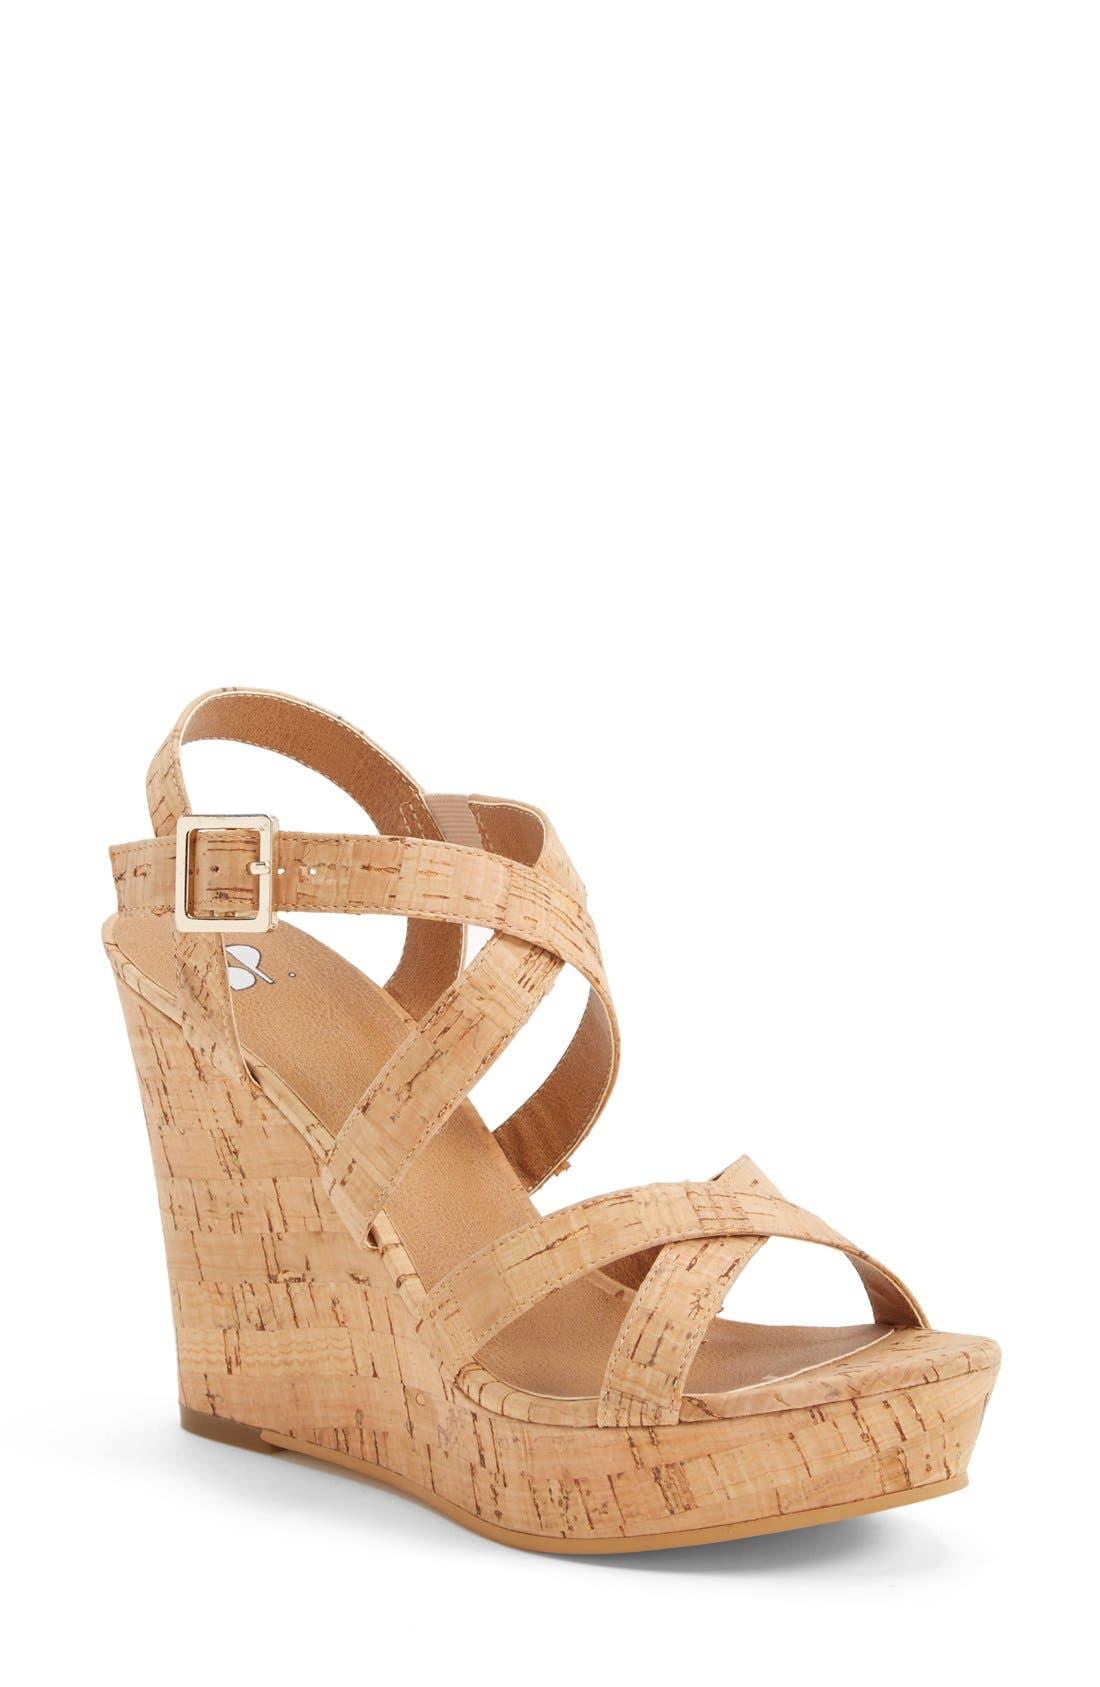 Alternate Image 1 Selected - BP. 'Summers' Wedge Sandal (Women)